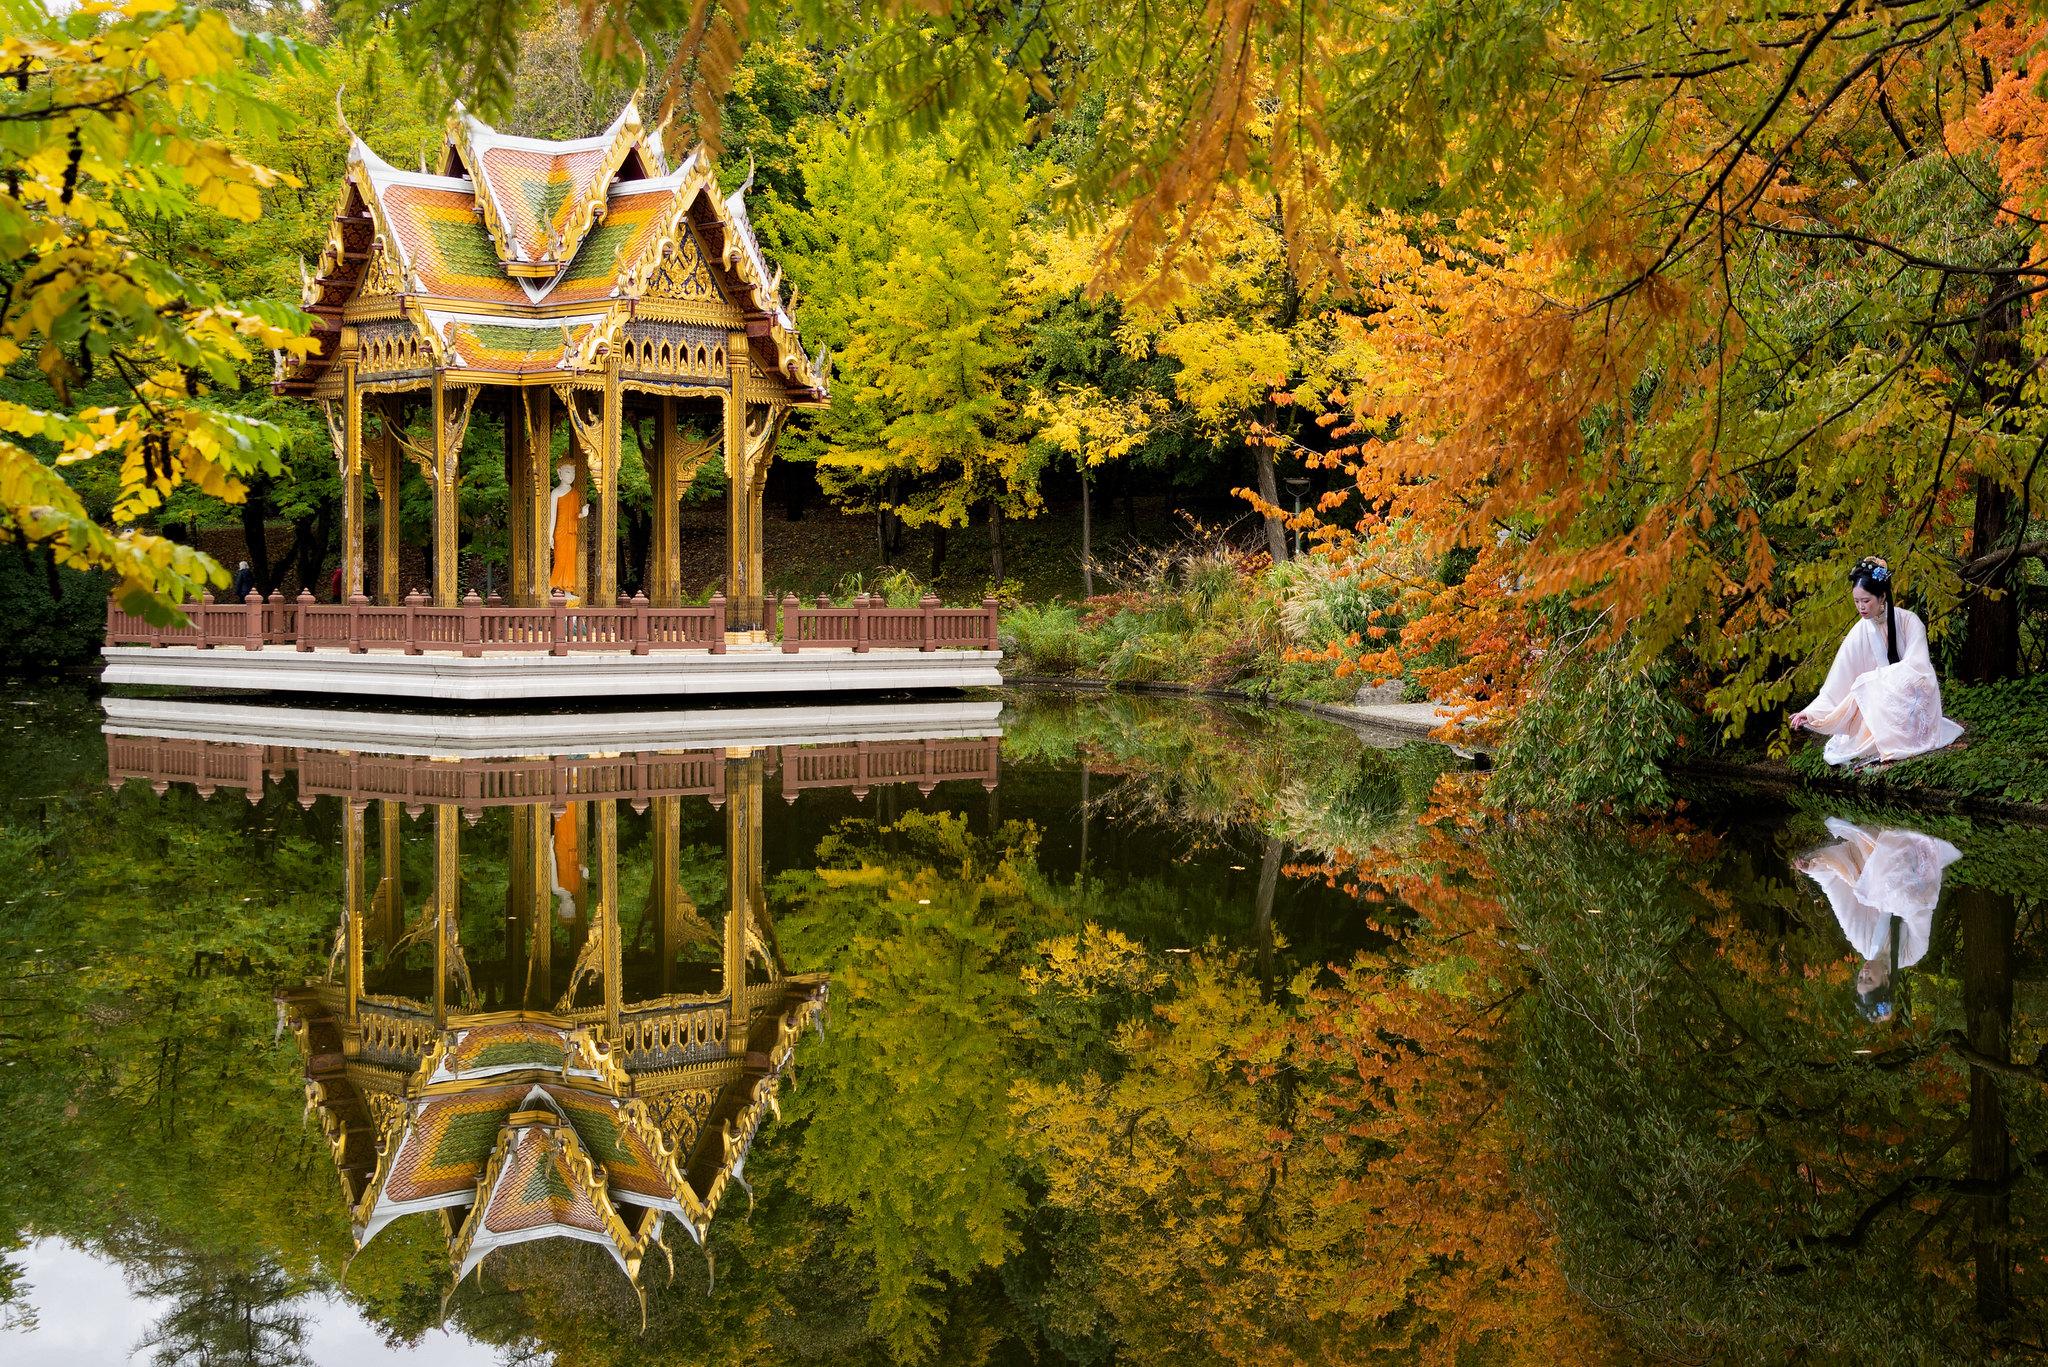 Autumn in Westpark